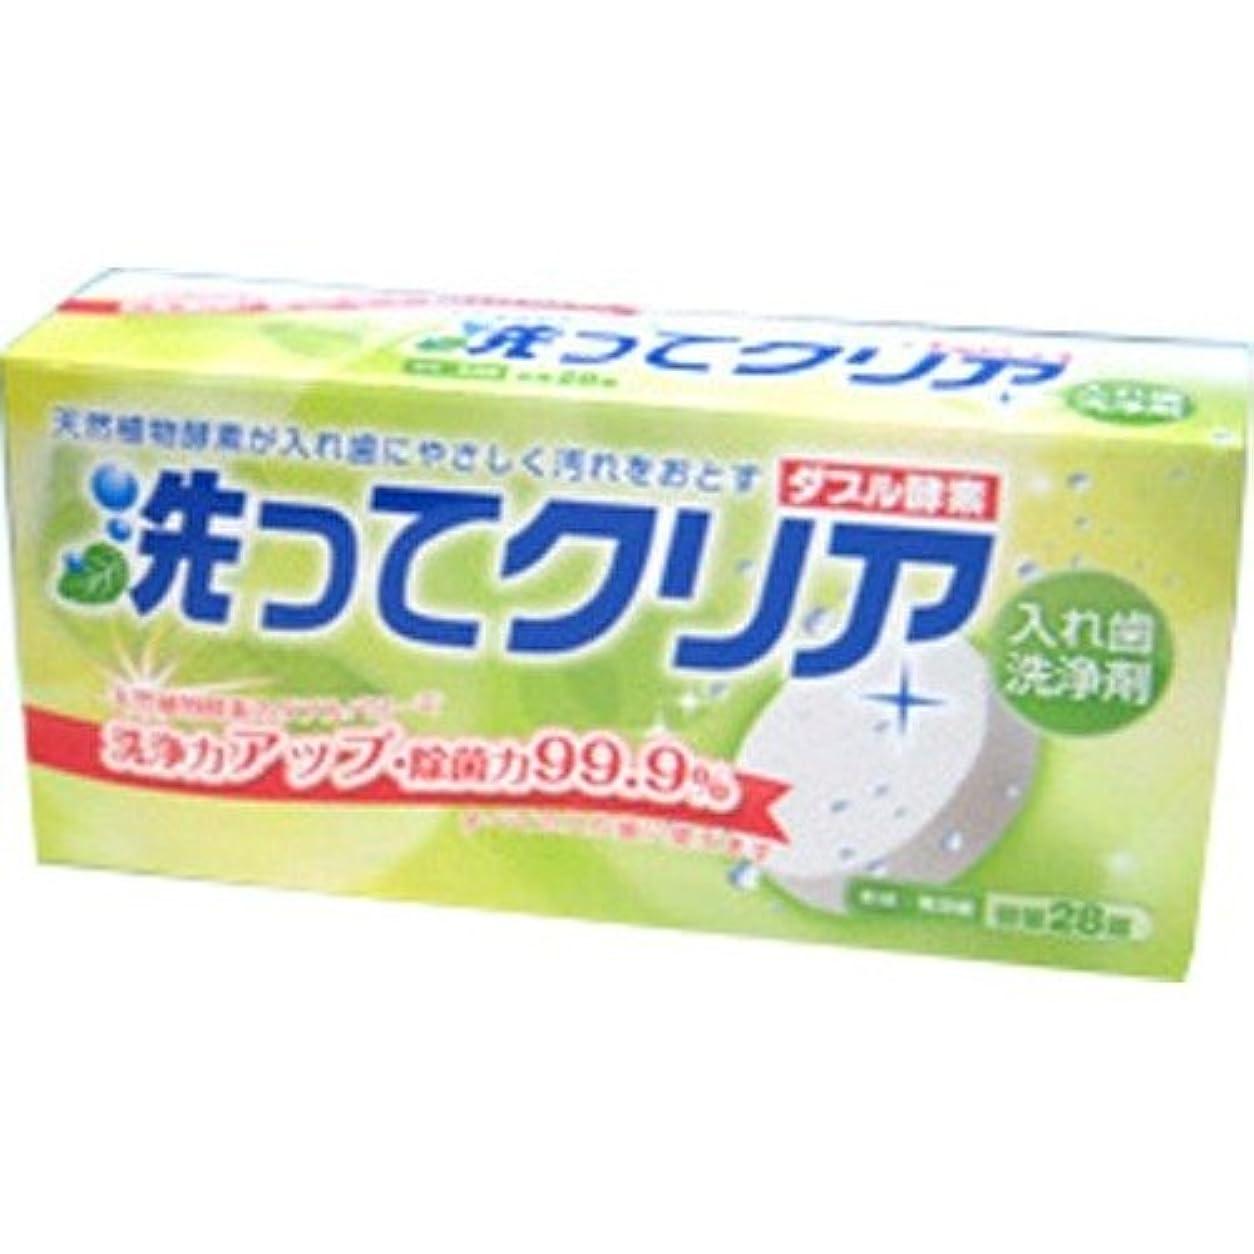 毒性耐えられない夜明けに東伸洋行株式会社 洗ってクリア ダブル酵素 28錠 入れ歯洗浄剤